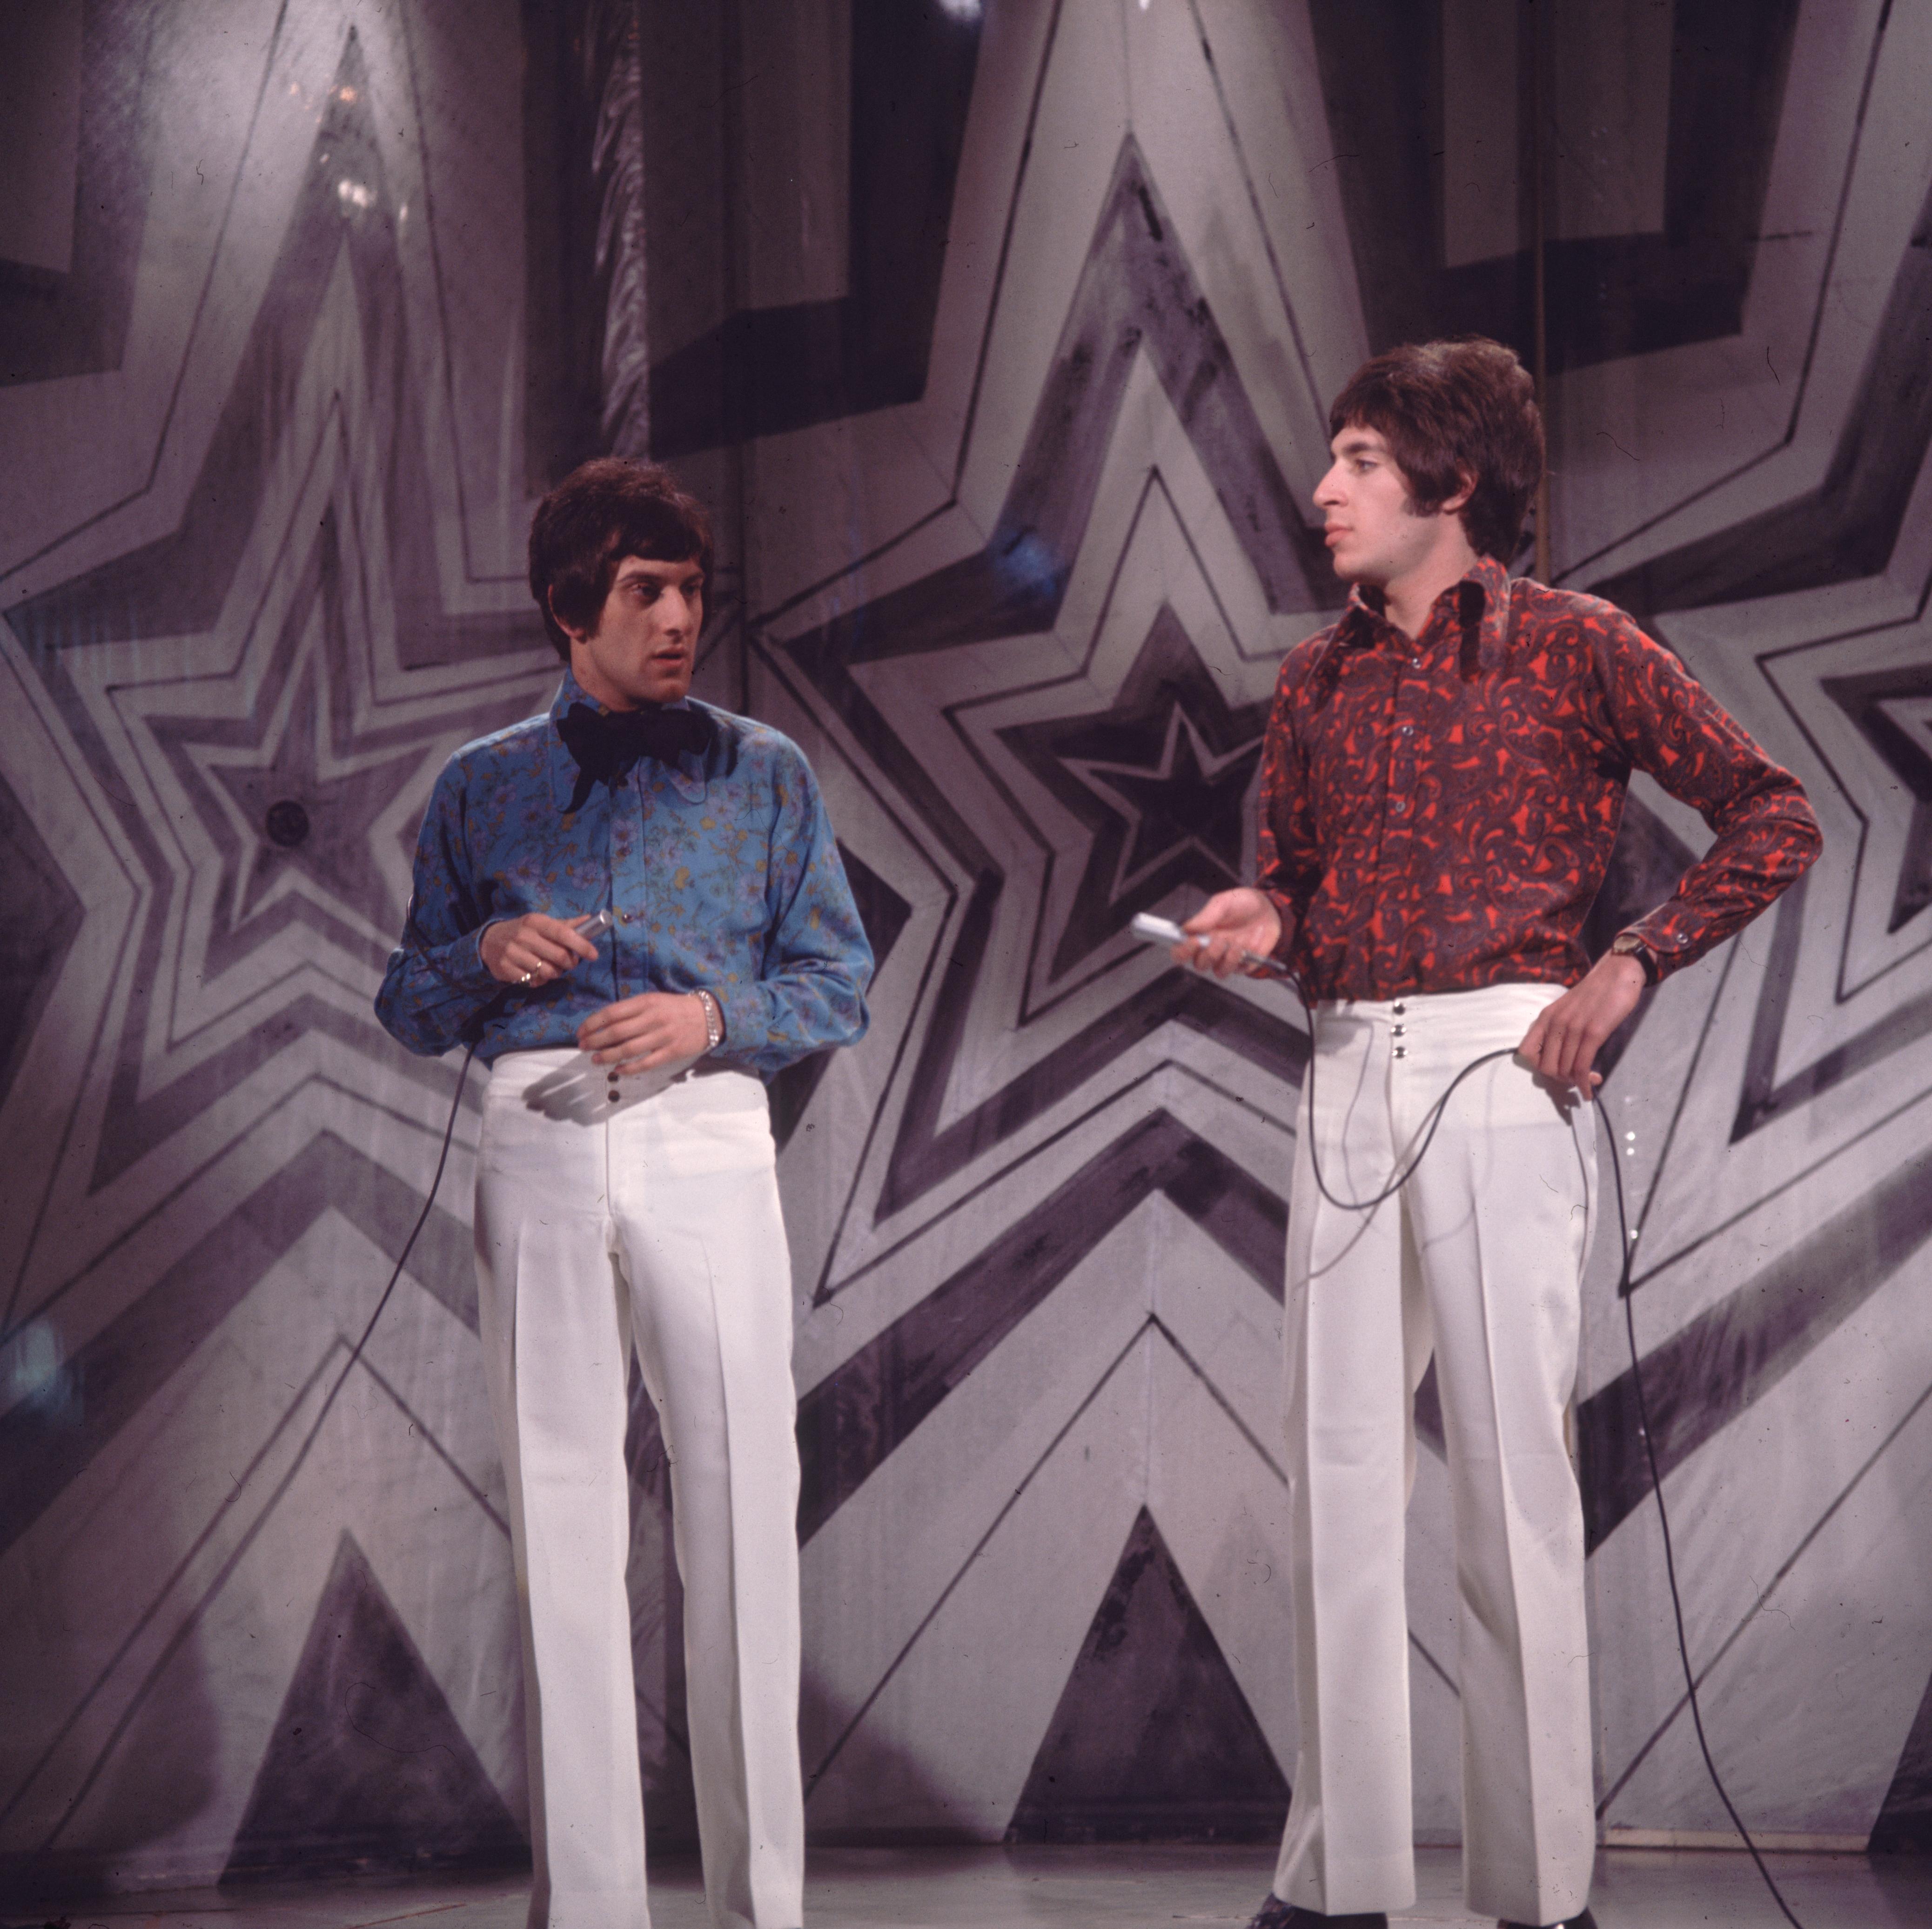 Няма как да се пропуснат популярните мъжки панталони, които са с висока талия, силно впити в горната част и леко разкроени в долната.